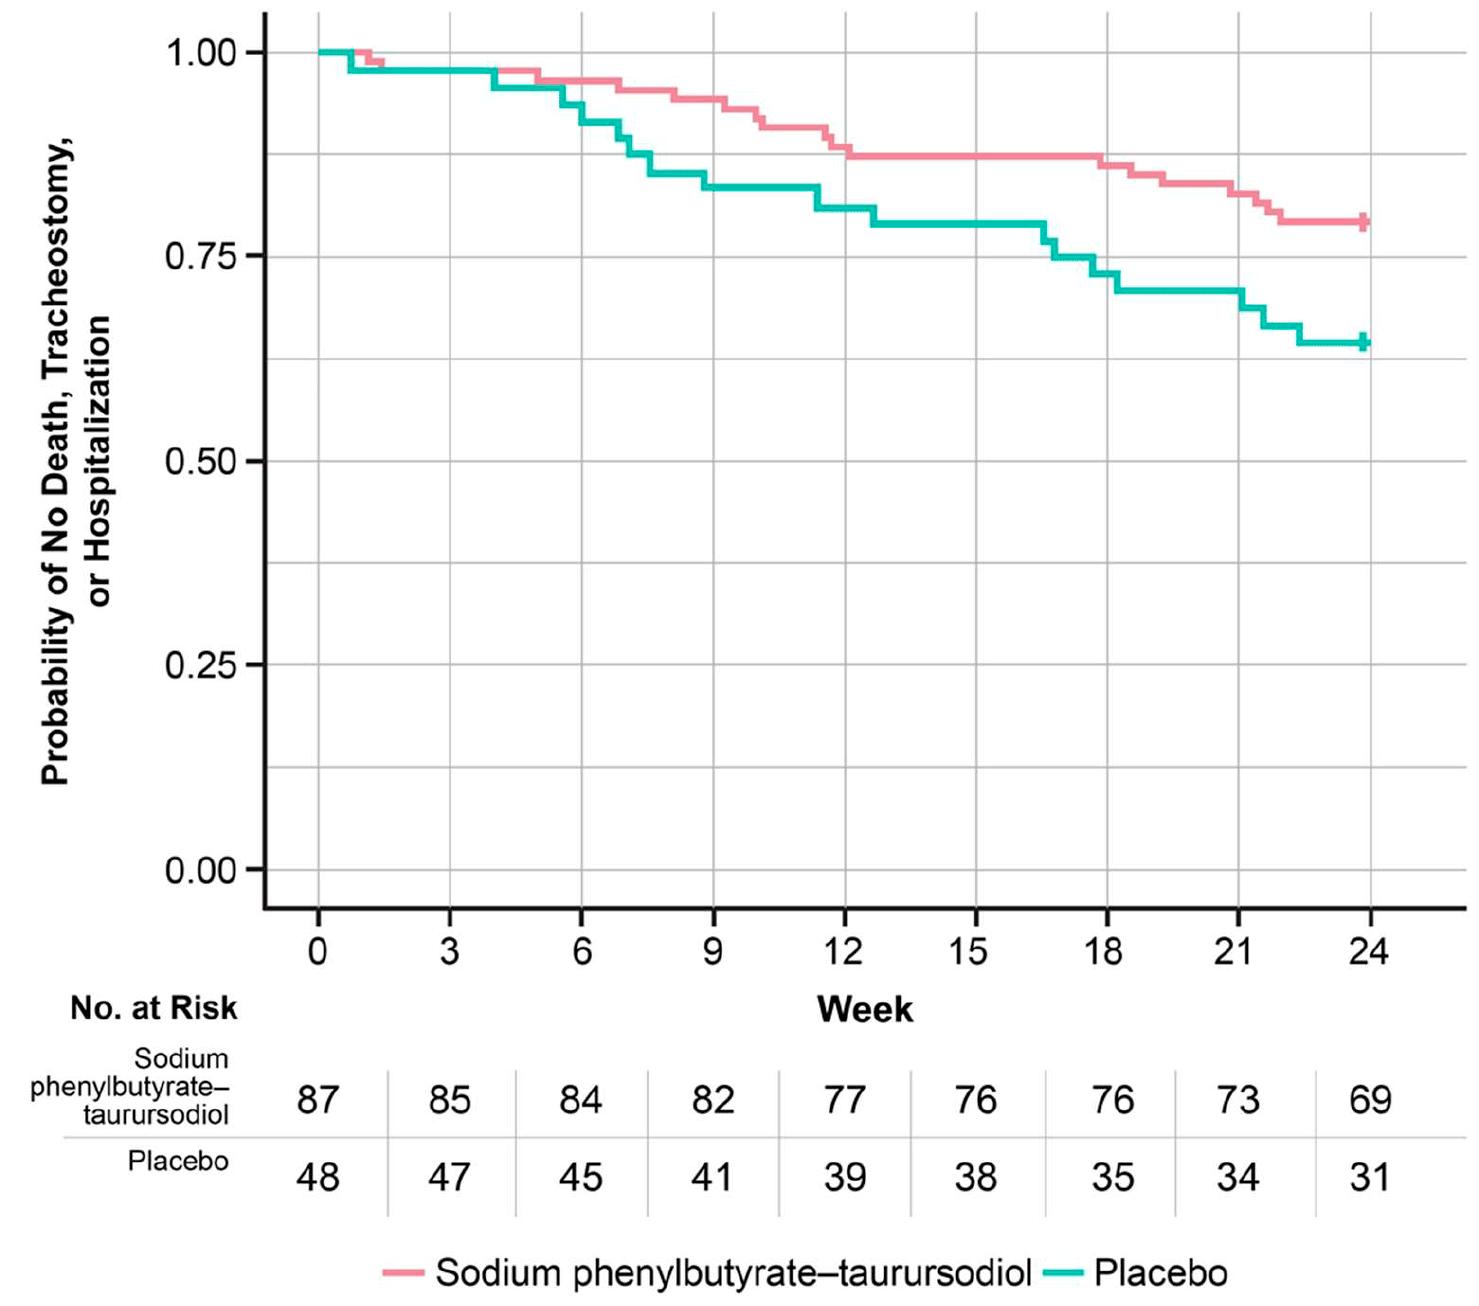 nct03127514 results 05 - Боковой амиотрофический склероз: новое лекарство на горизонте